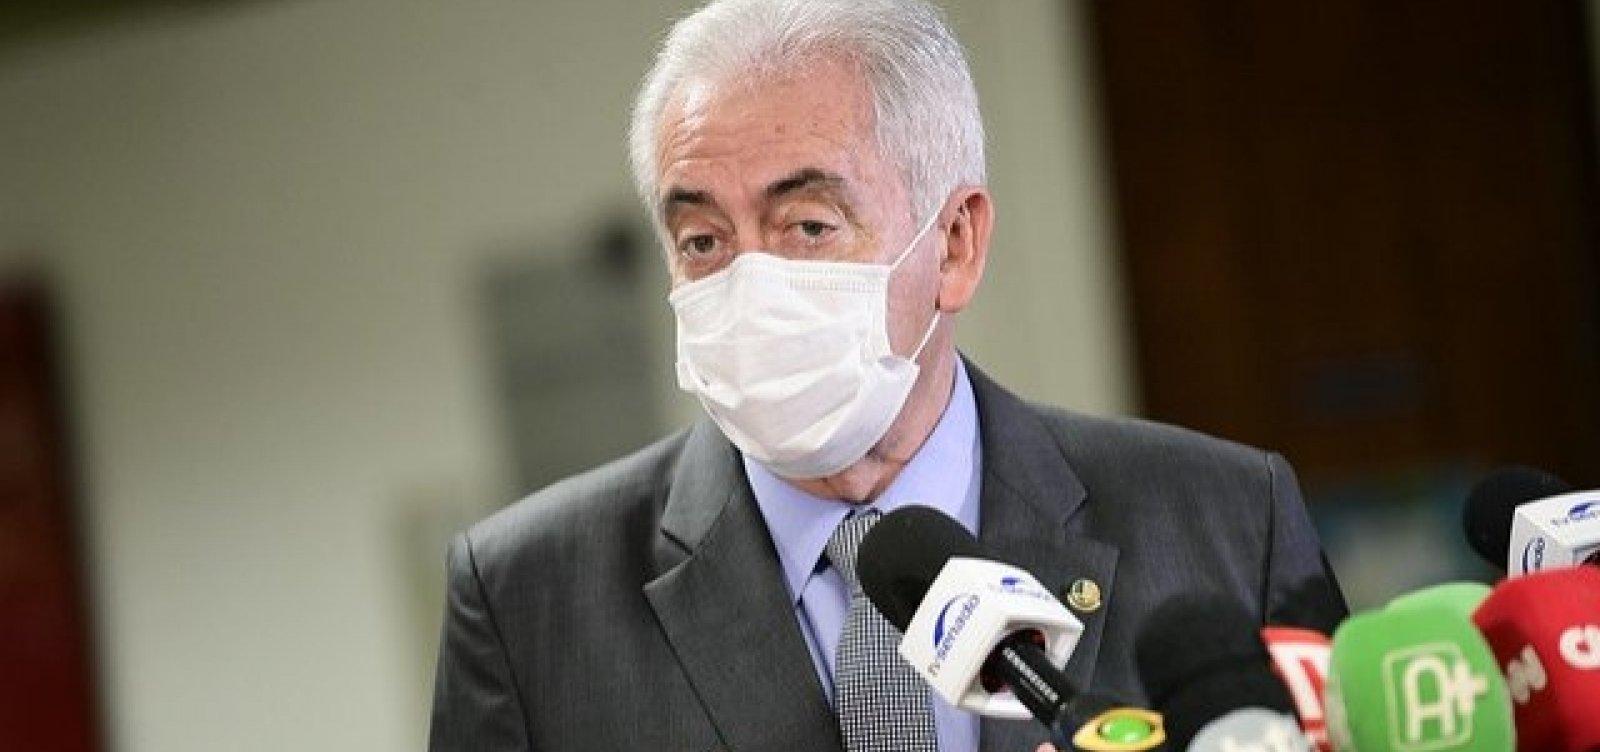 Após atritos, Otto diz que relatório de Renan é consistente e aponta crimes de Bolsonaro